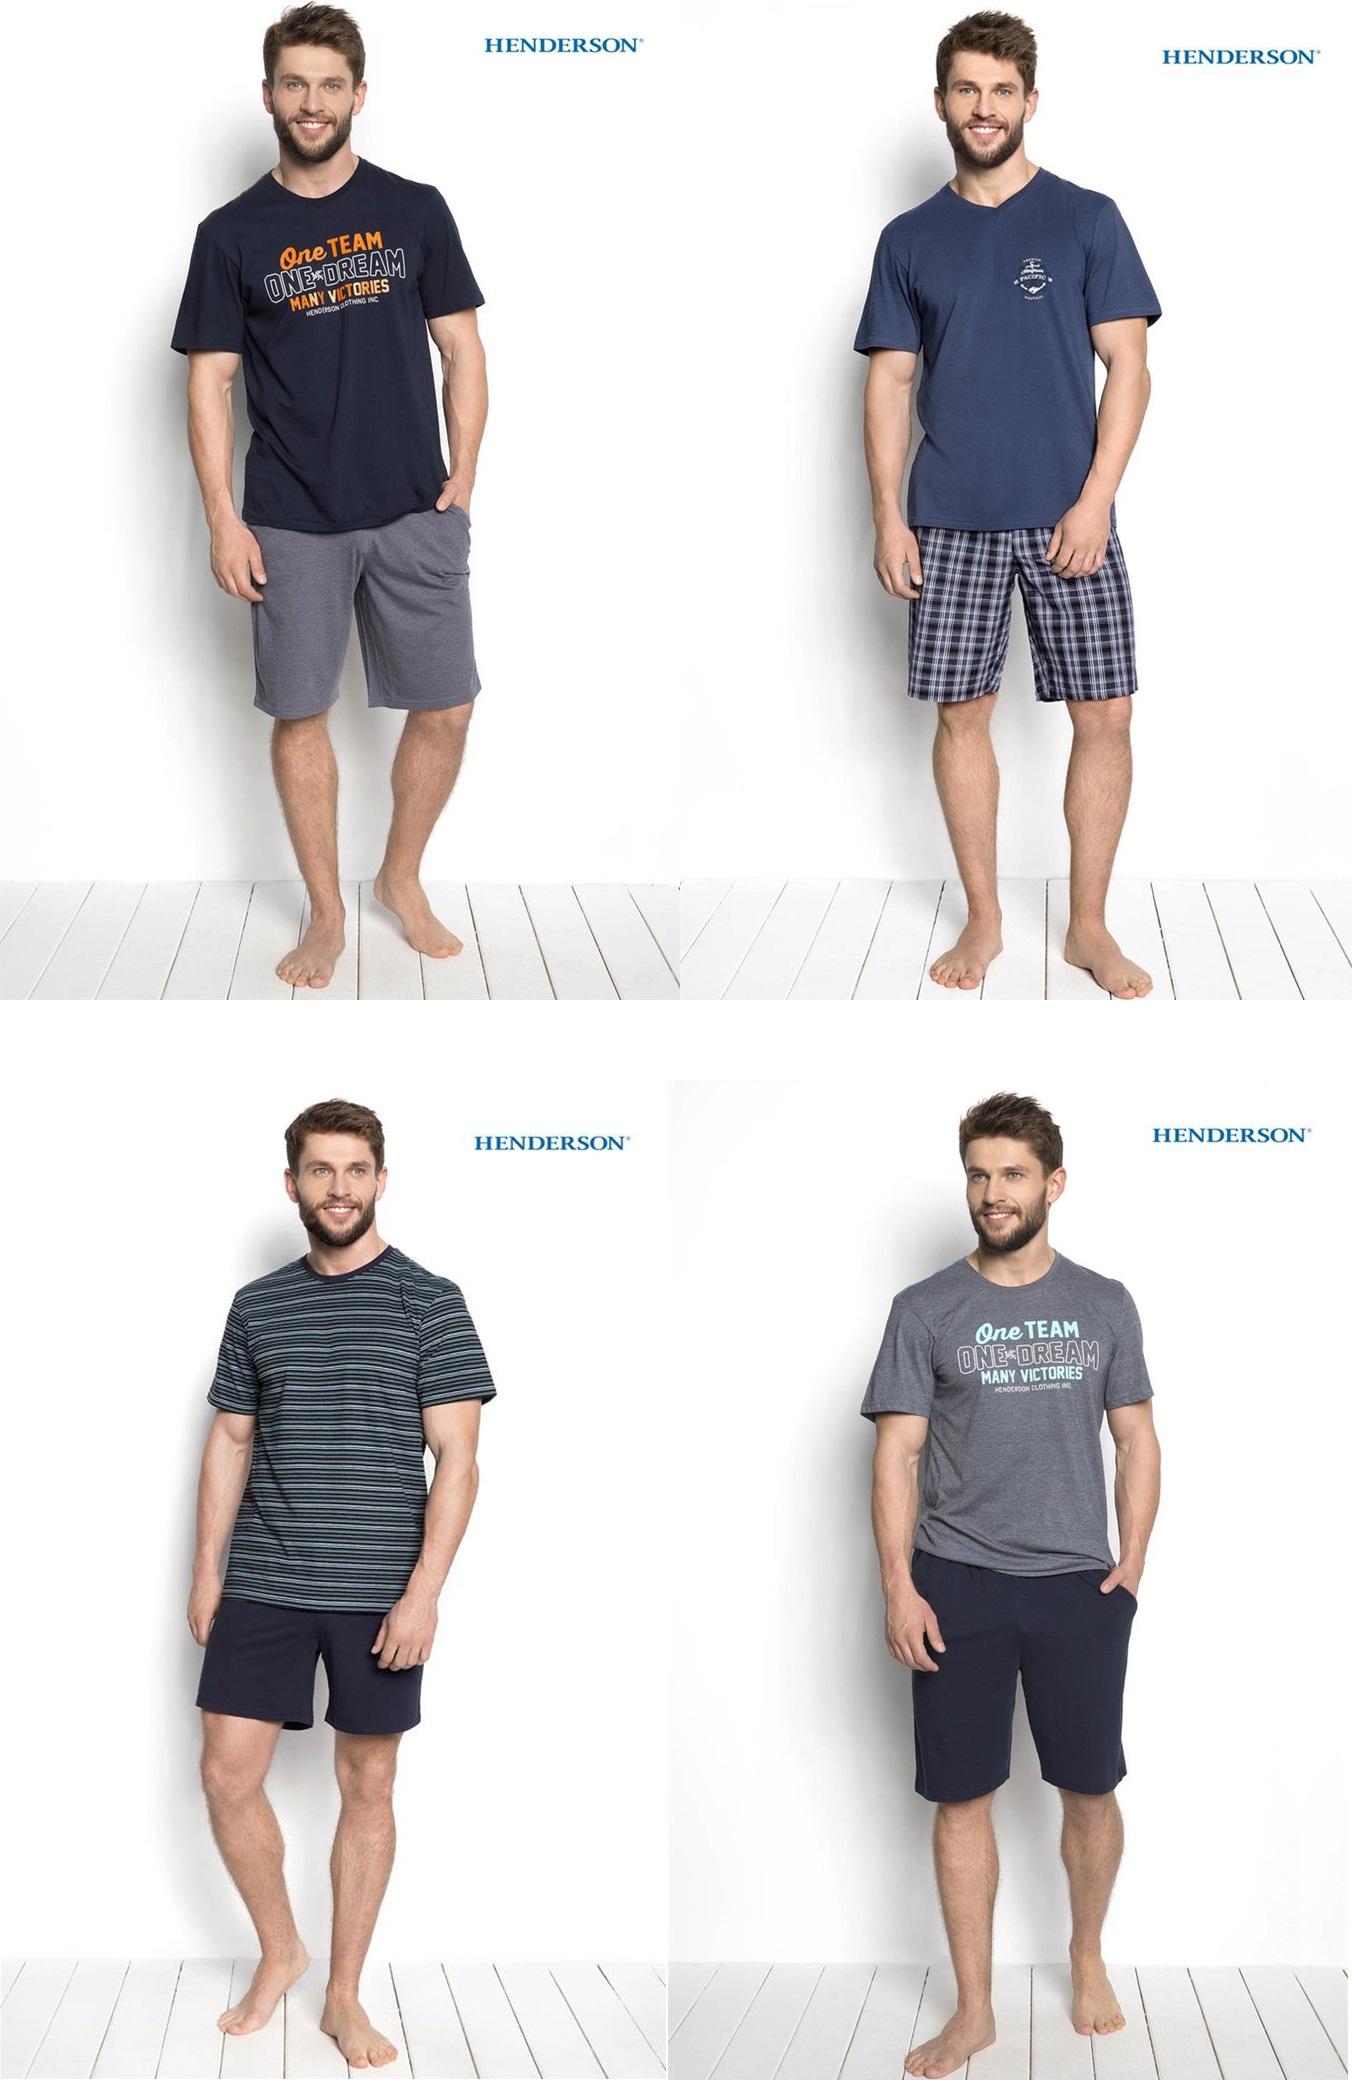 Мужские пижамы одежда для дома и сна Henderson купить интернет-магазин Киев